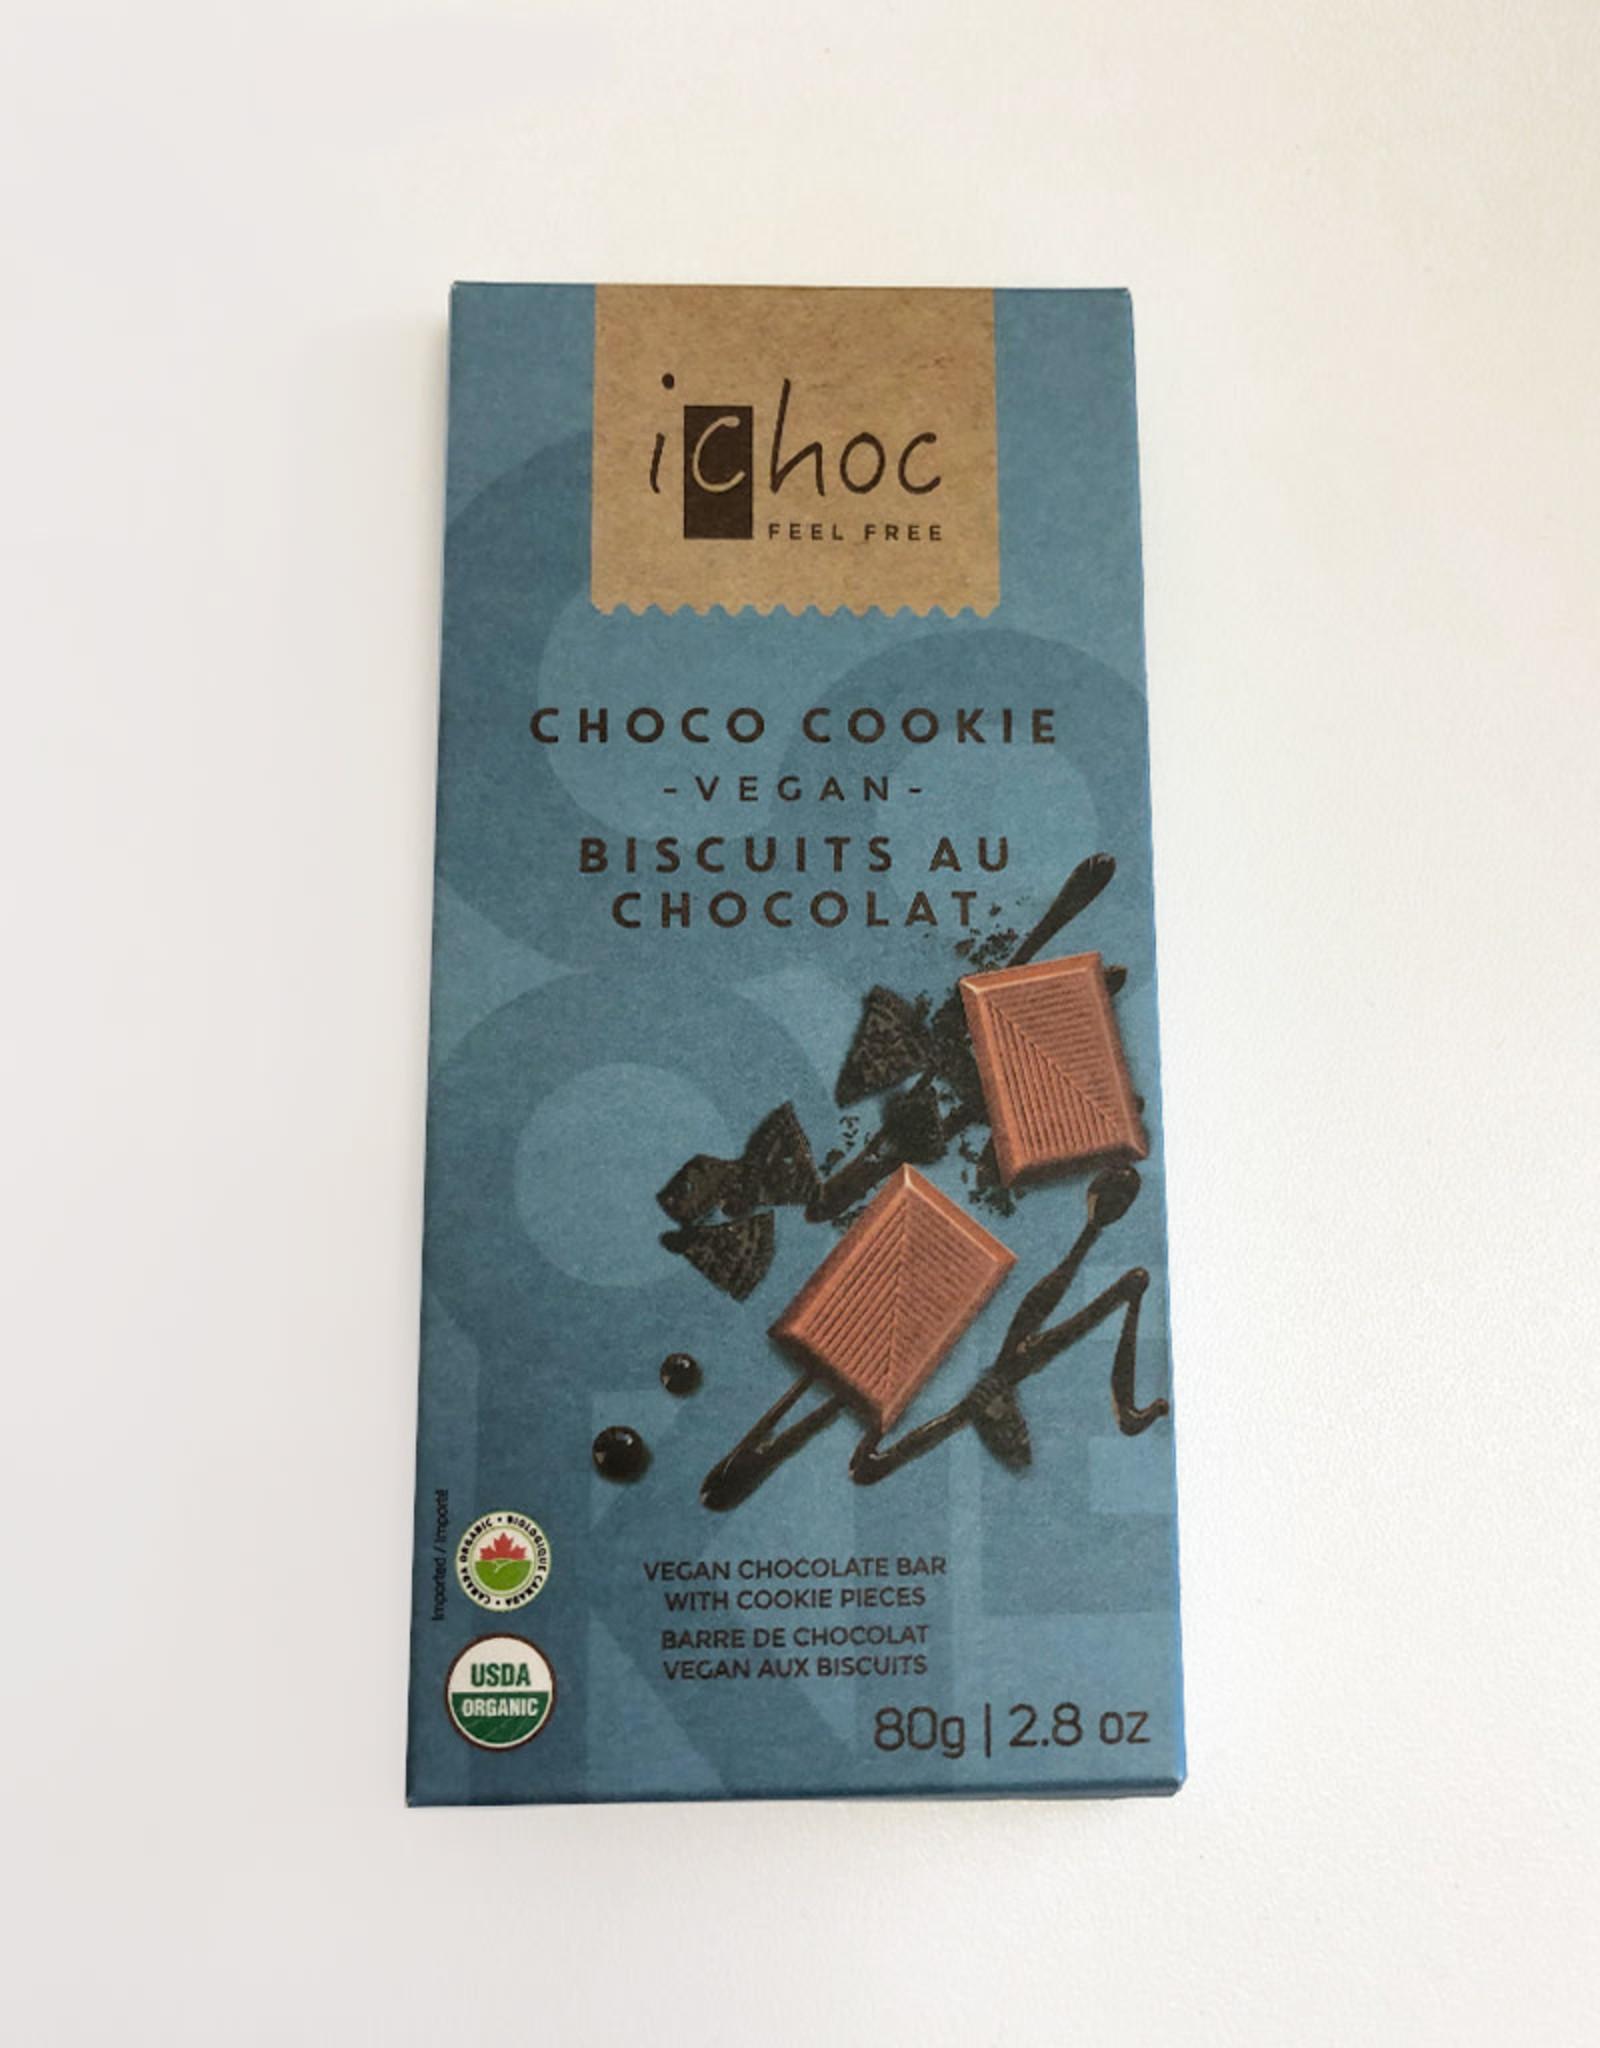 IChoc iChoc - Organic Choco Cookie